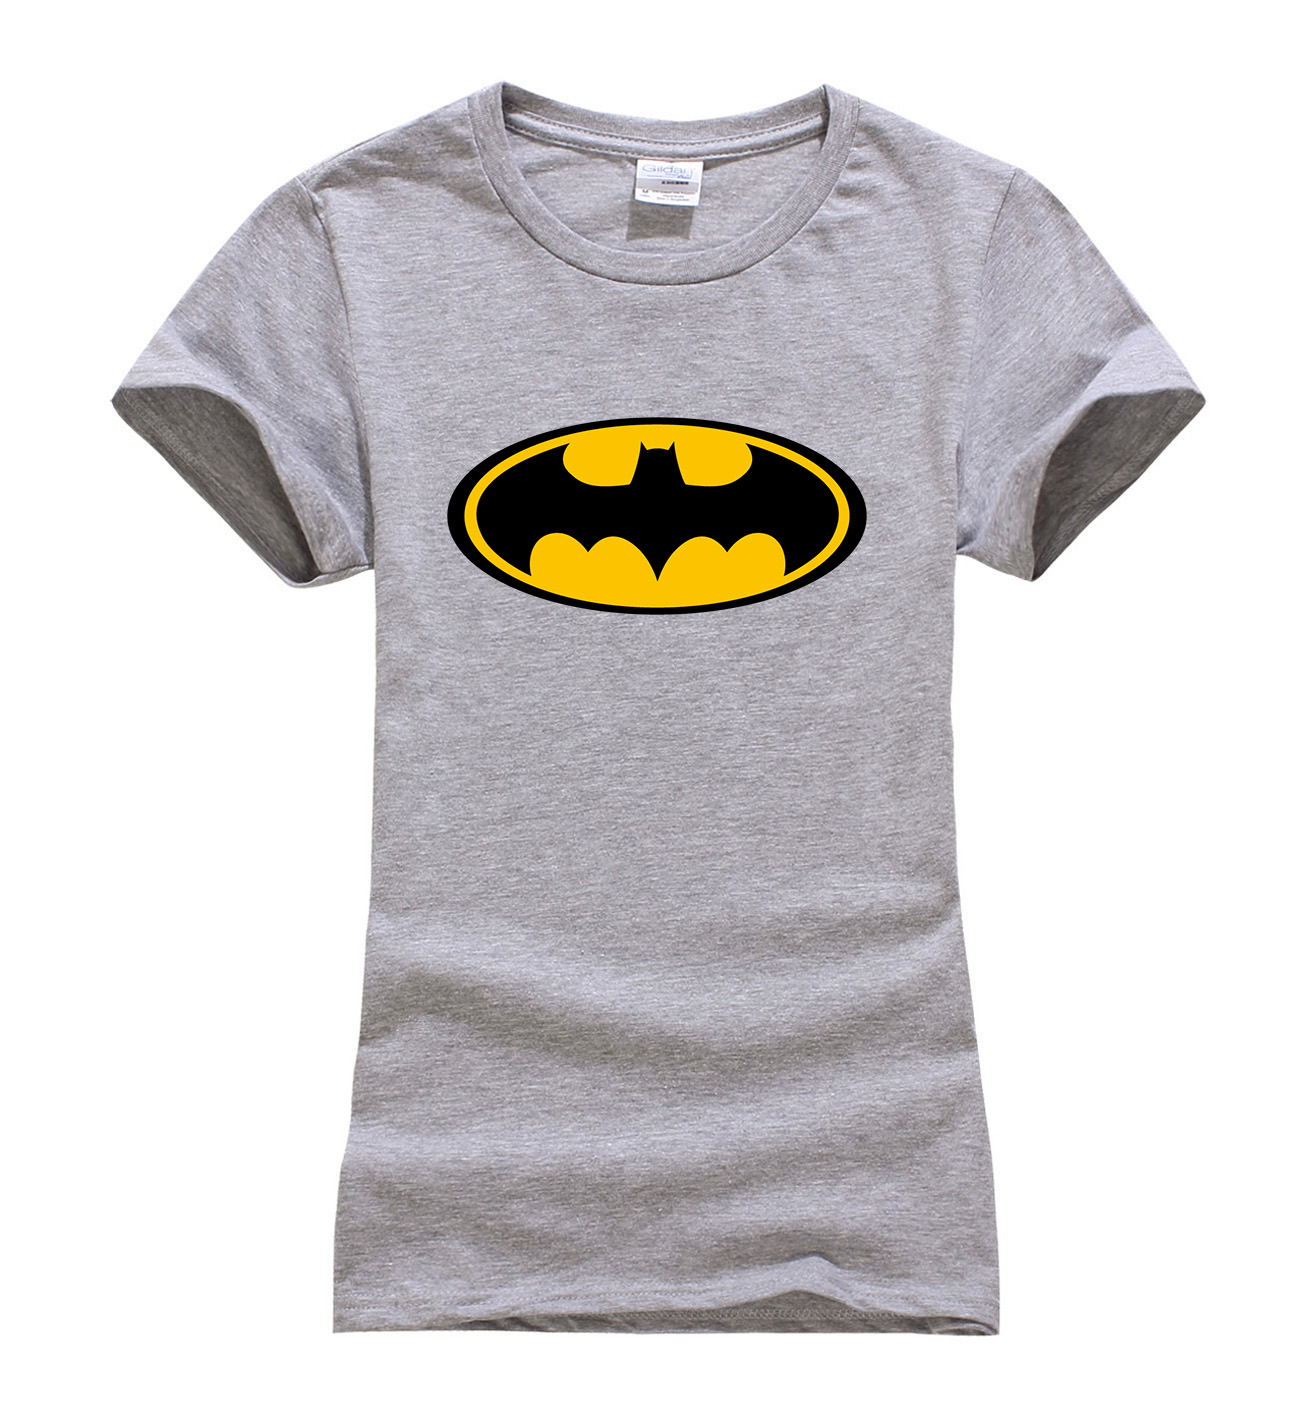 2017 Summer Superman Series Cartoon Batman t shirt women fashion brand slim fit tops hot sale short sleeve o-neck t-shirt women